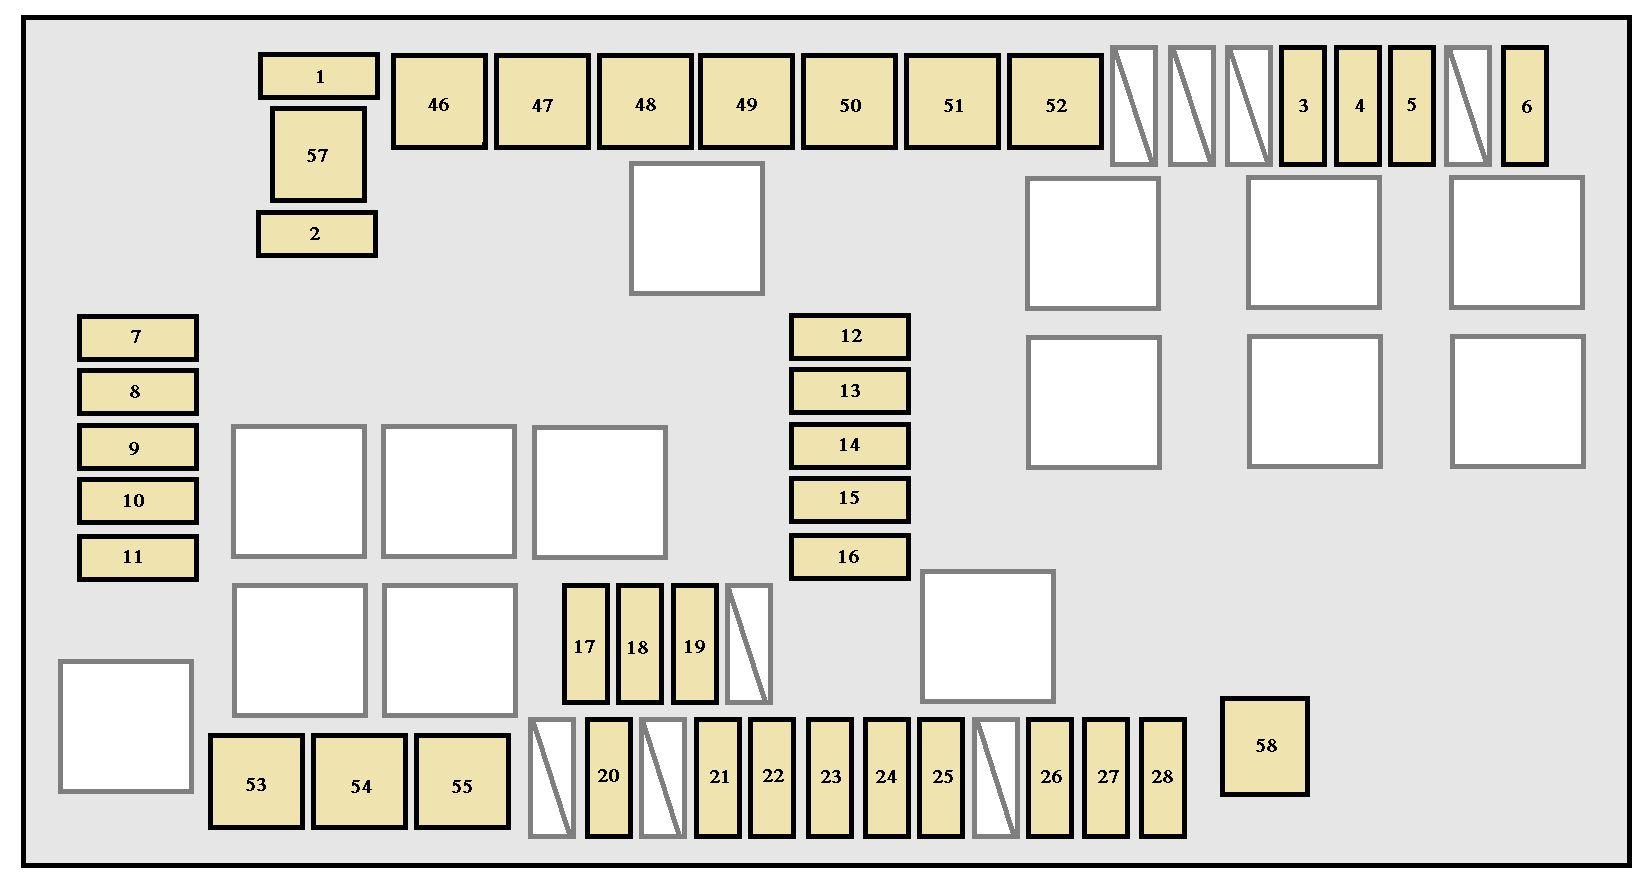 2005 toyota sequoia fuse diagram tz 7785  2004 toyota sienna xle fuse diagram  2004 toyota sienna xle fuse diagram